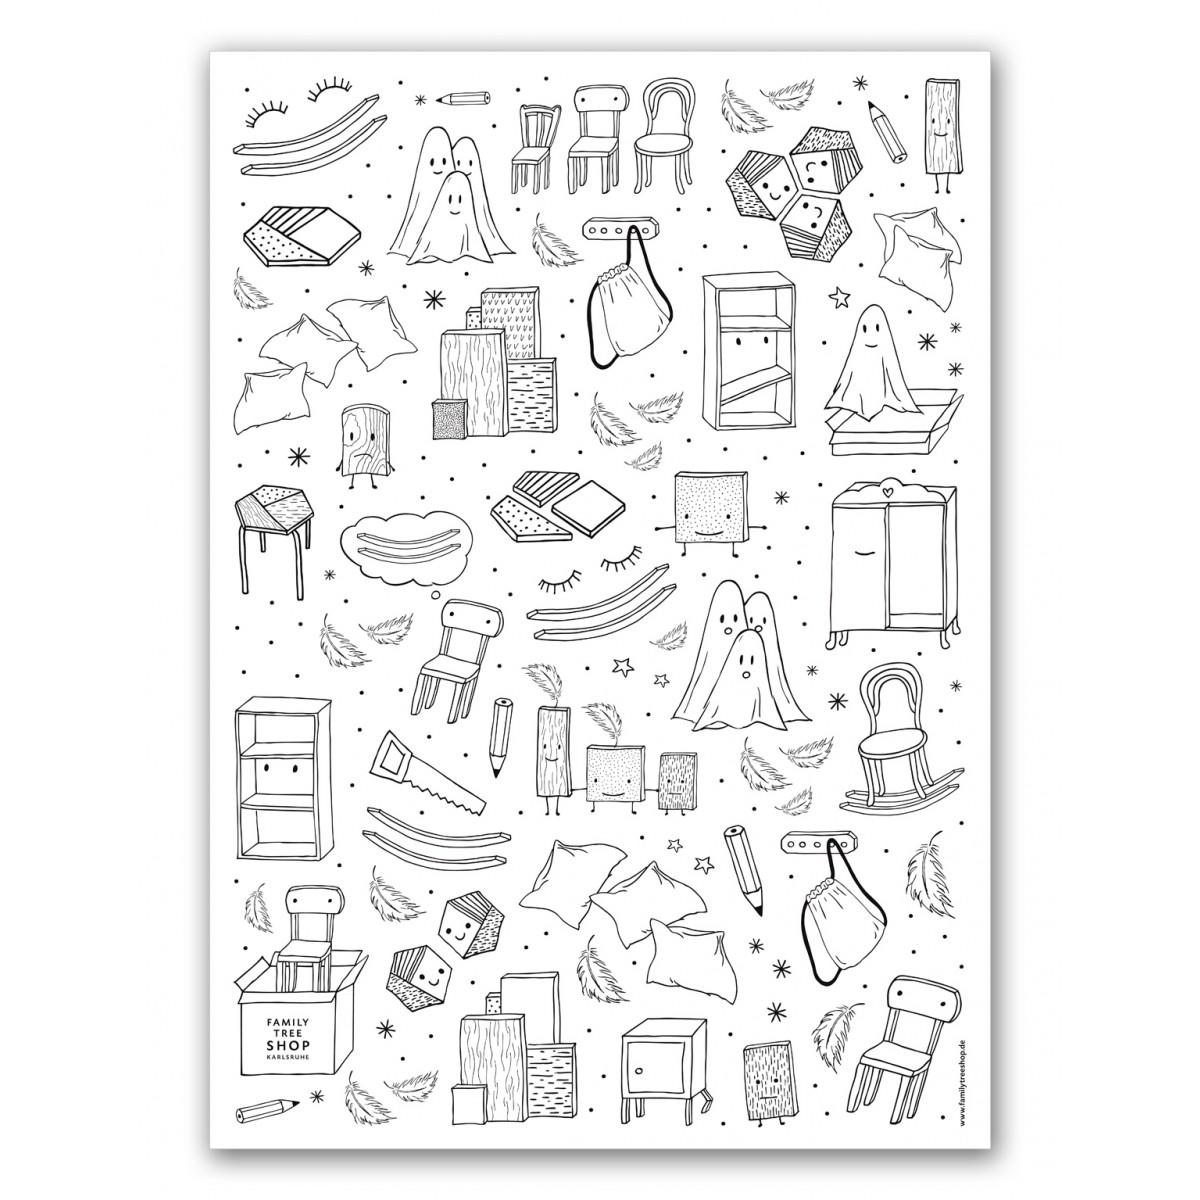 siebdruck poster aus dem family tree shop. Black Bedroom Furniture Sets. Home Design Ideas